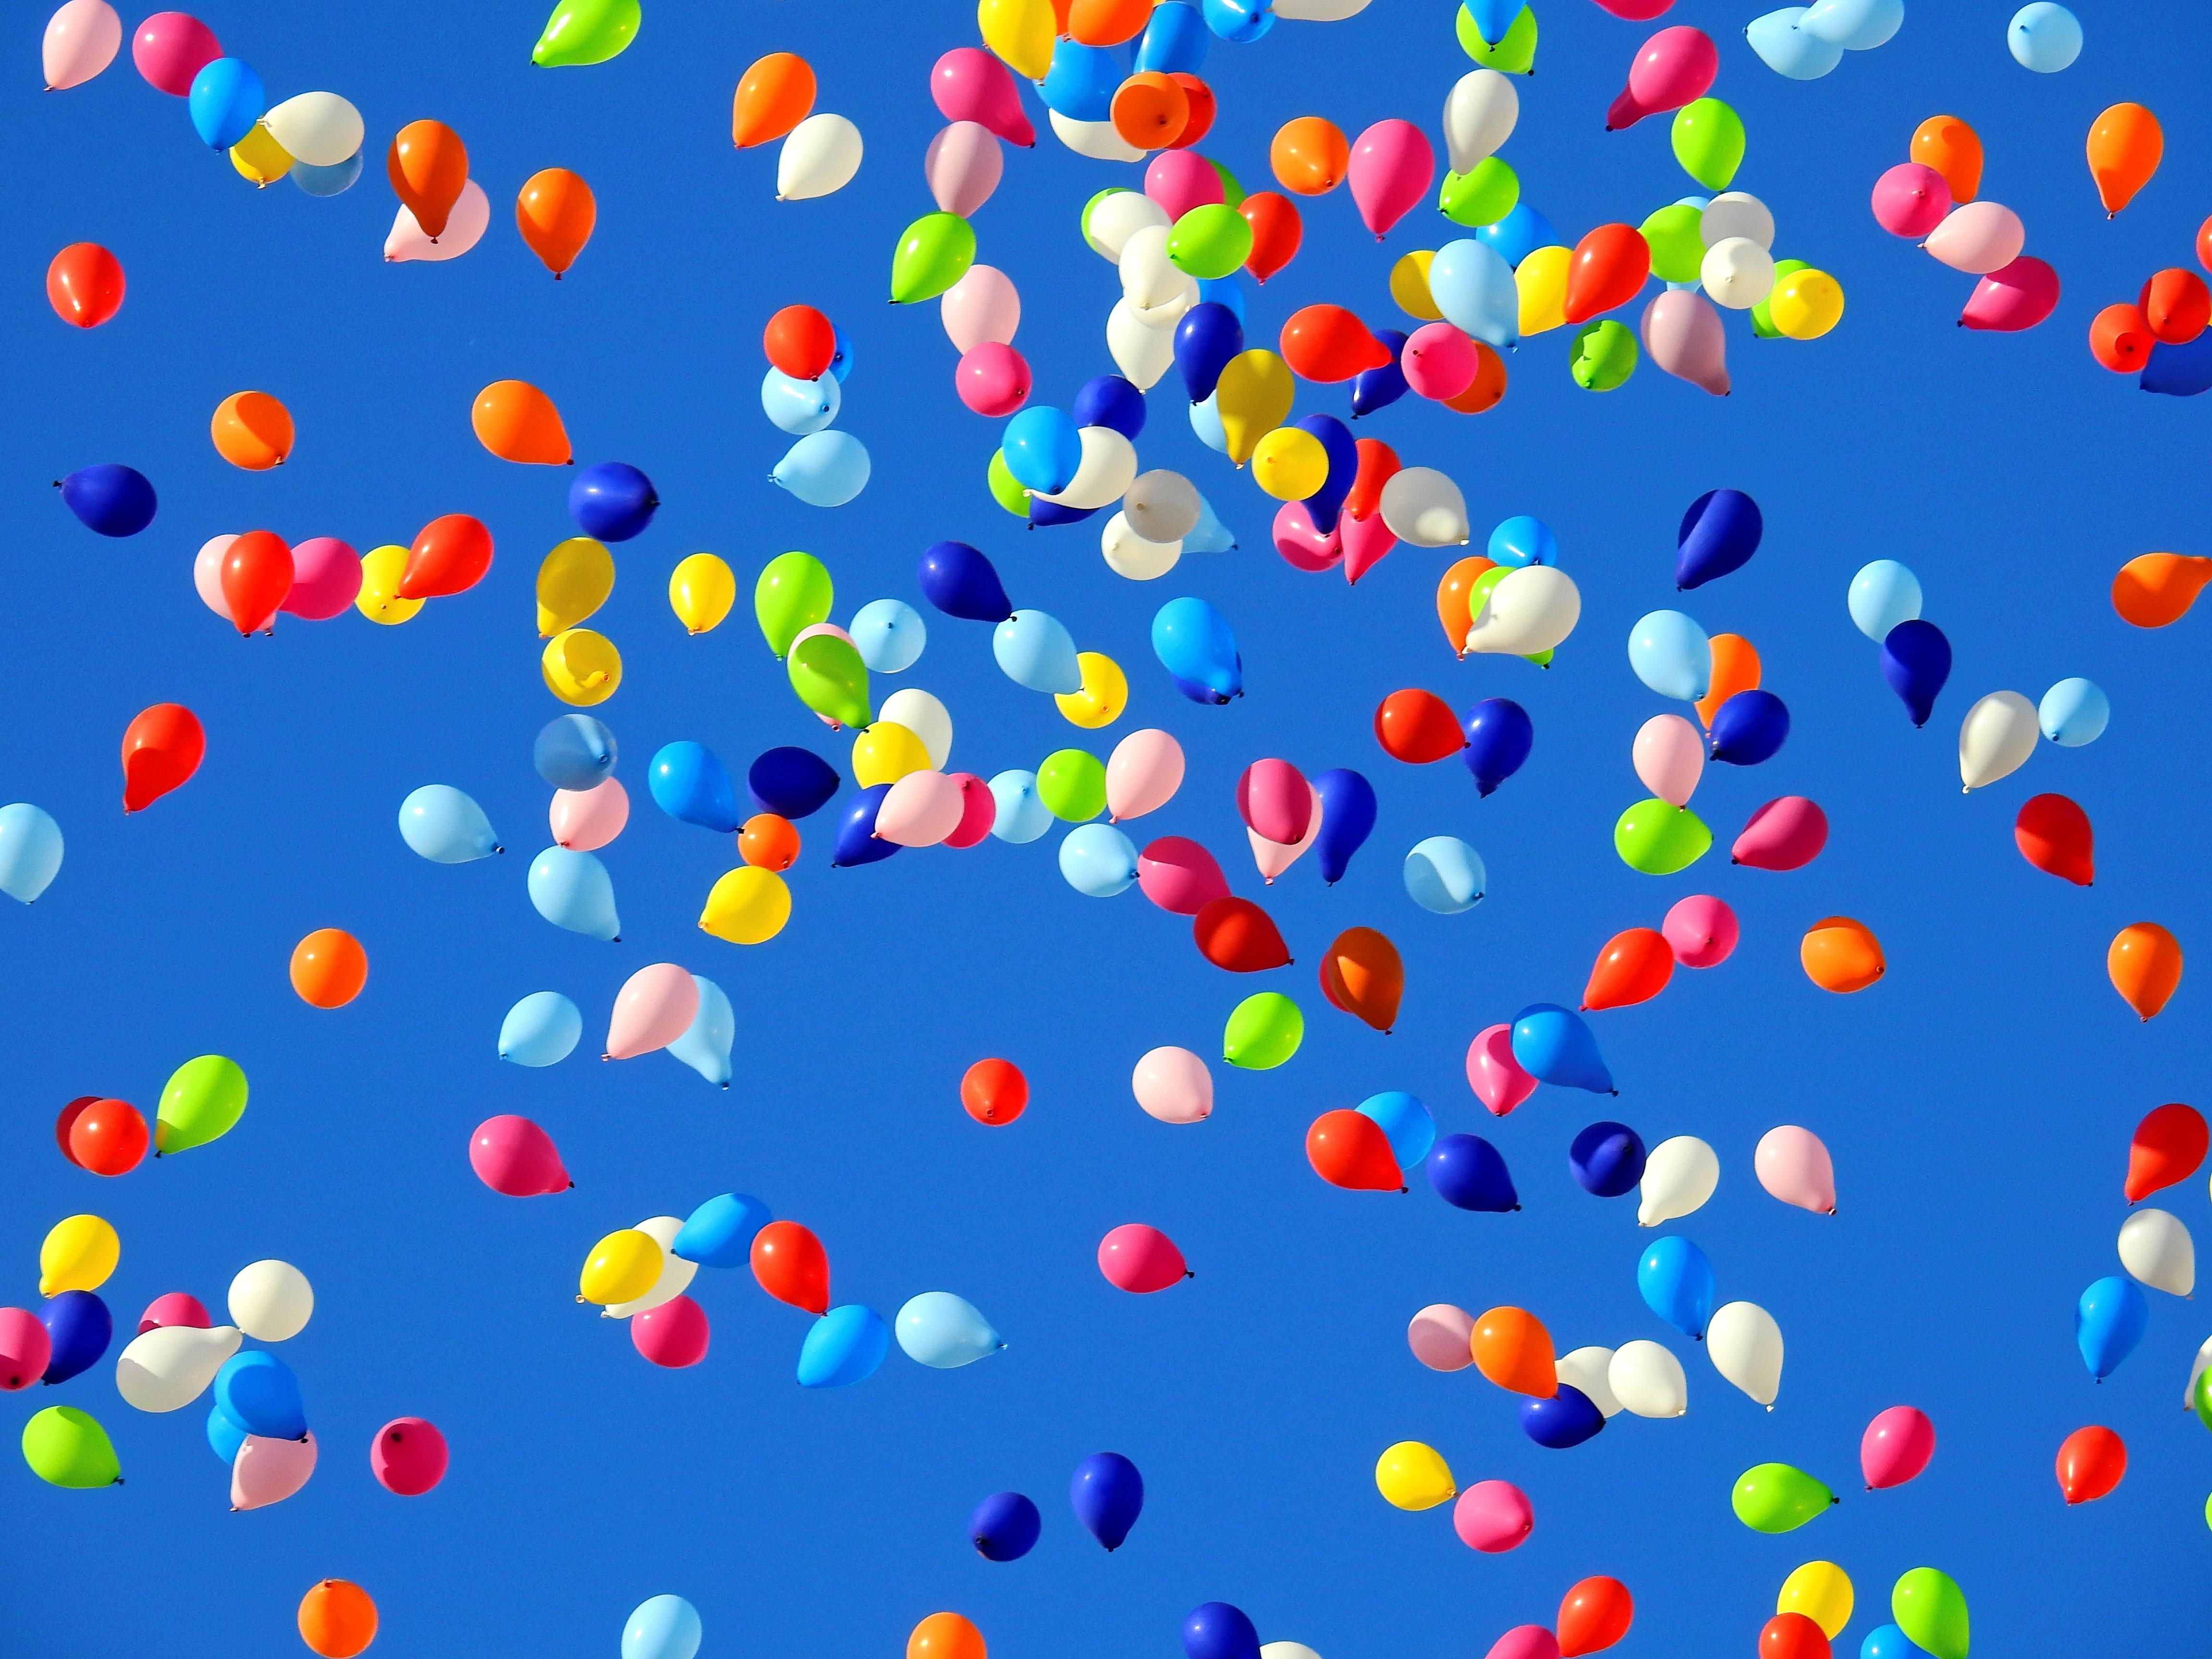 Пожелания к летящему шарику